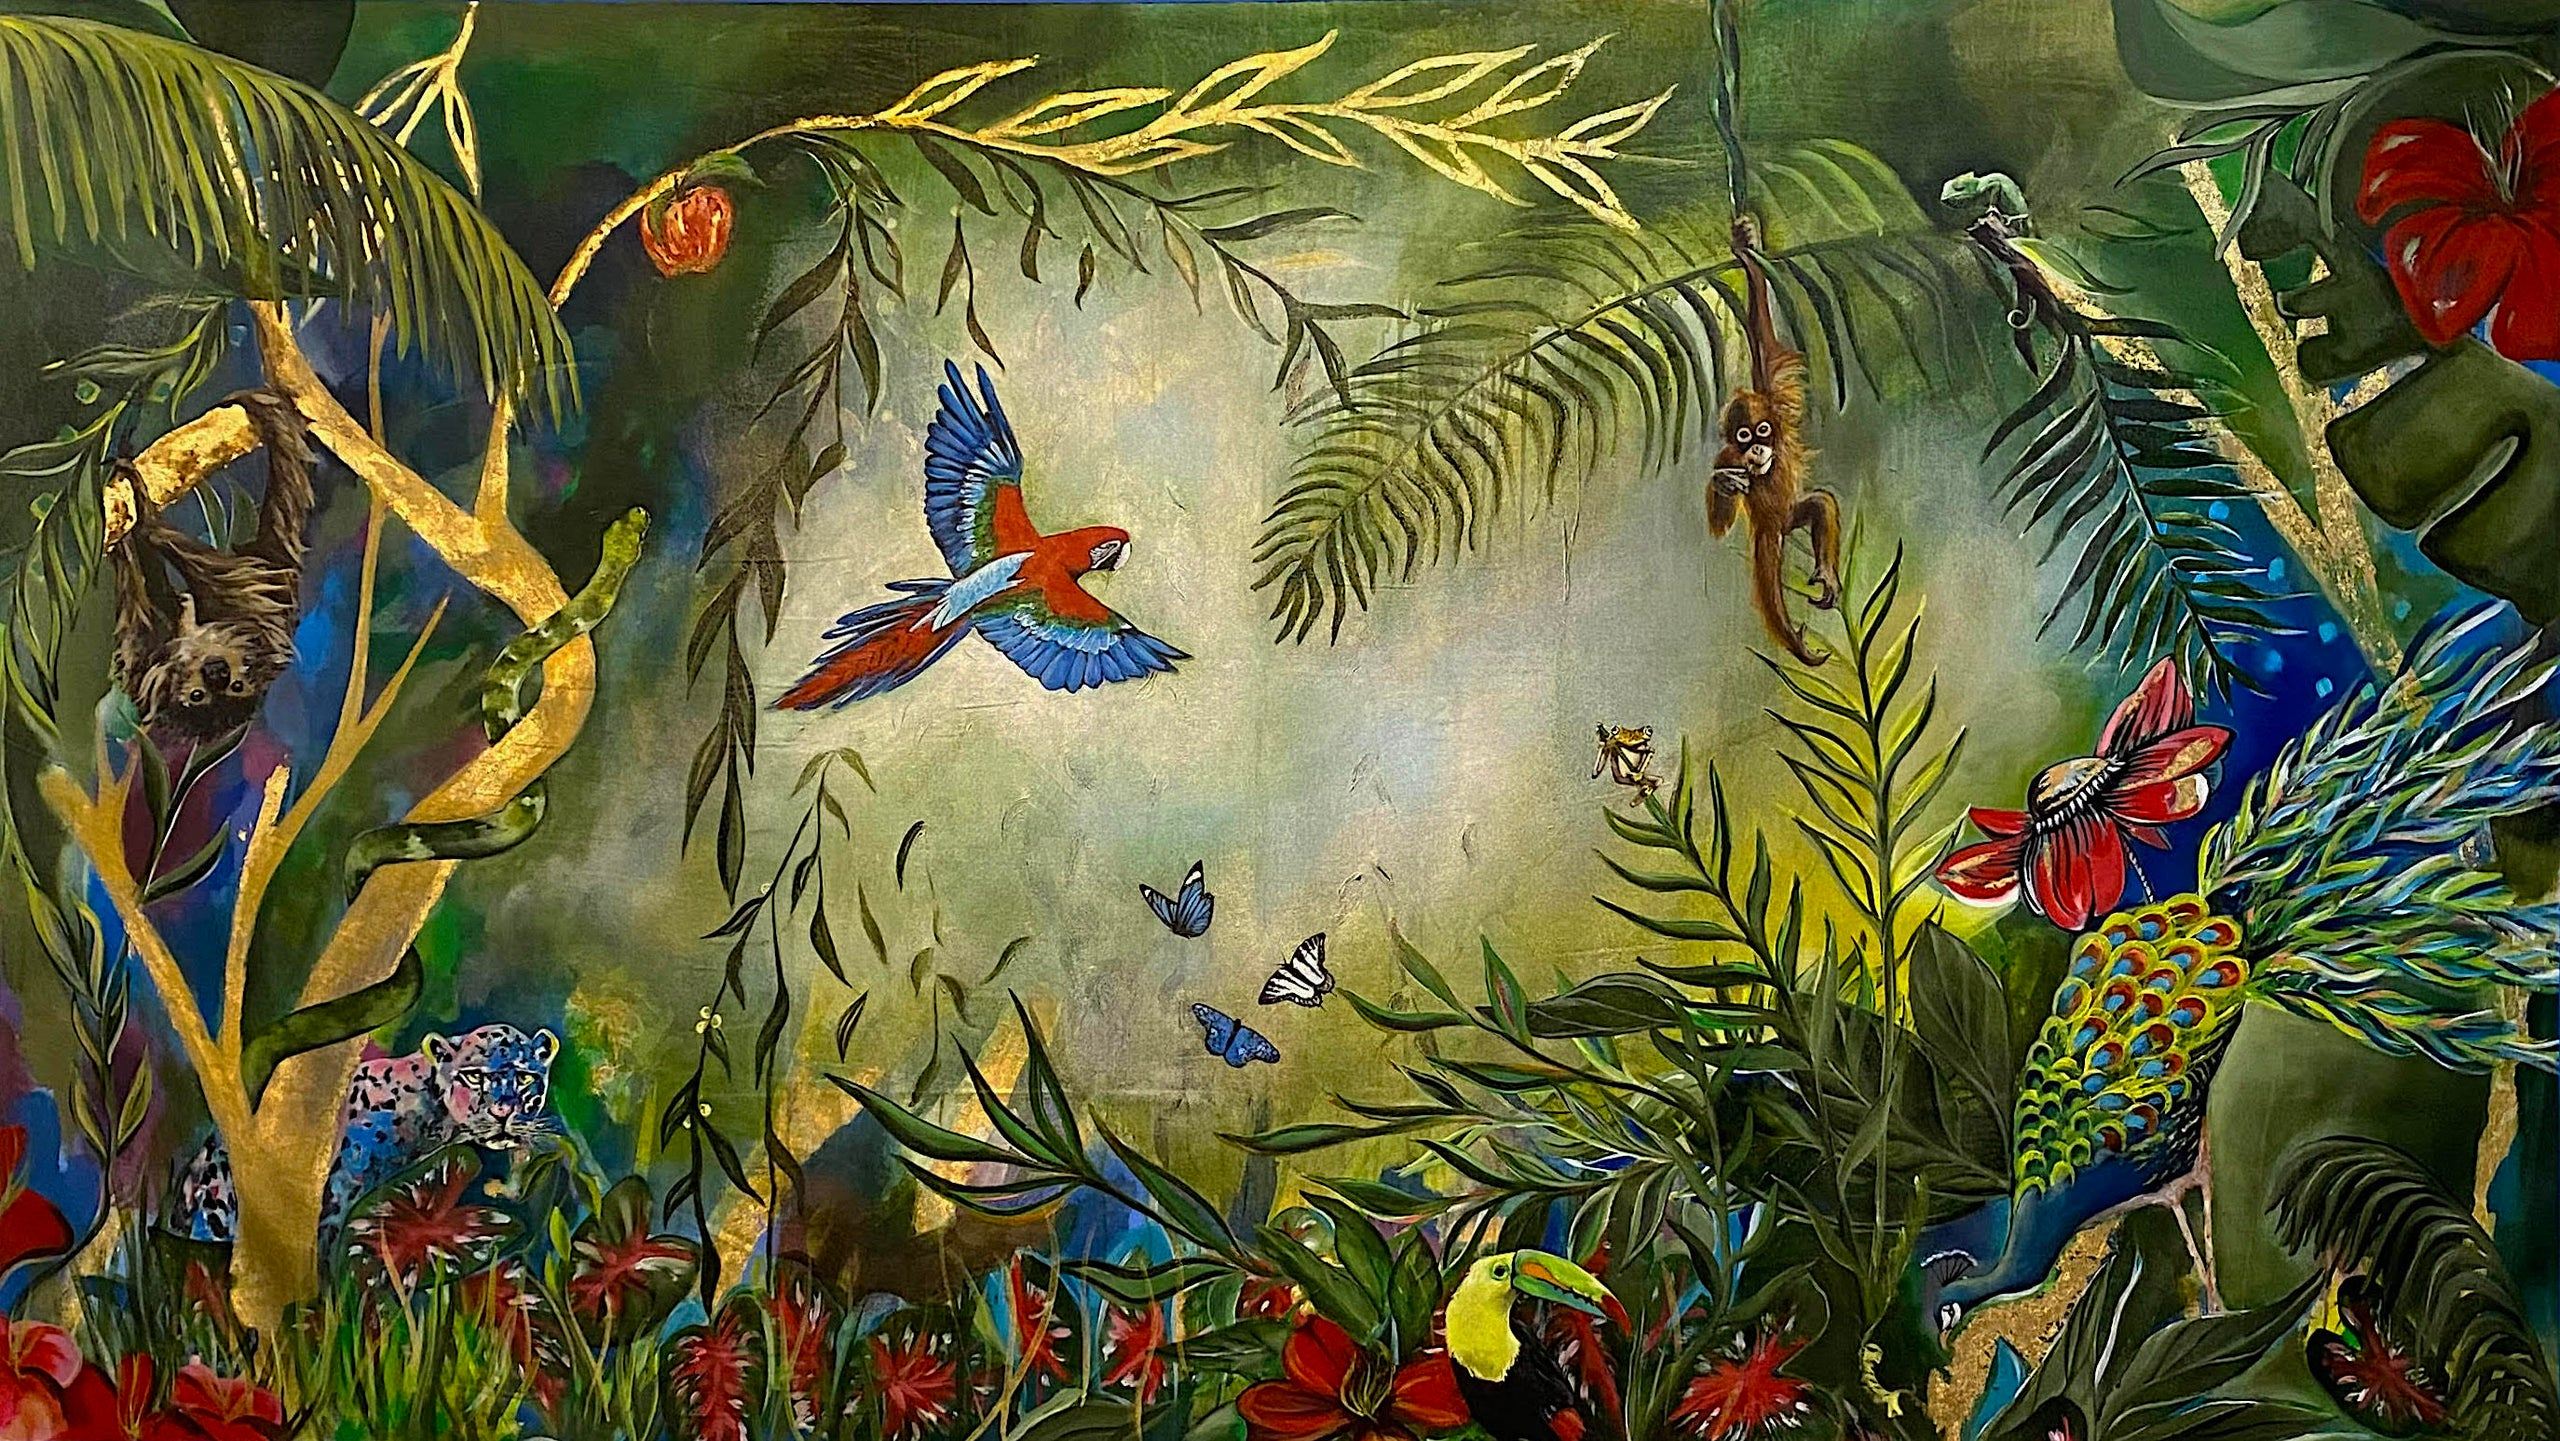 Garden of Eden painting (alt. view)